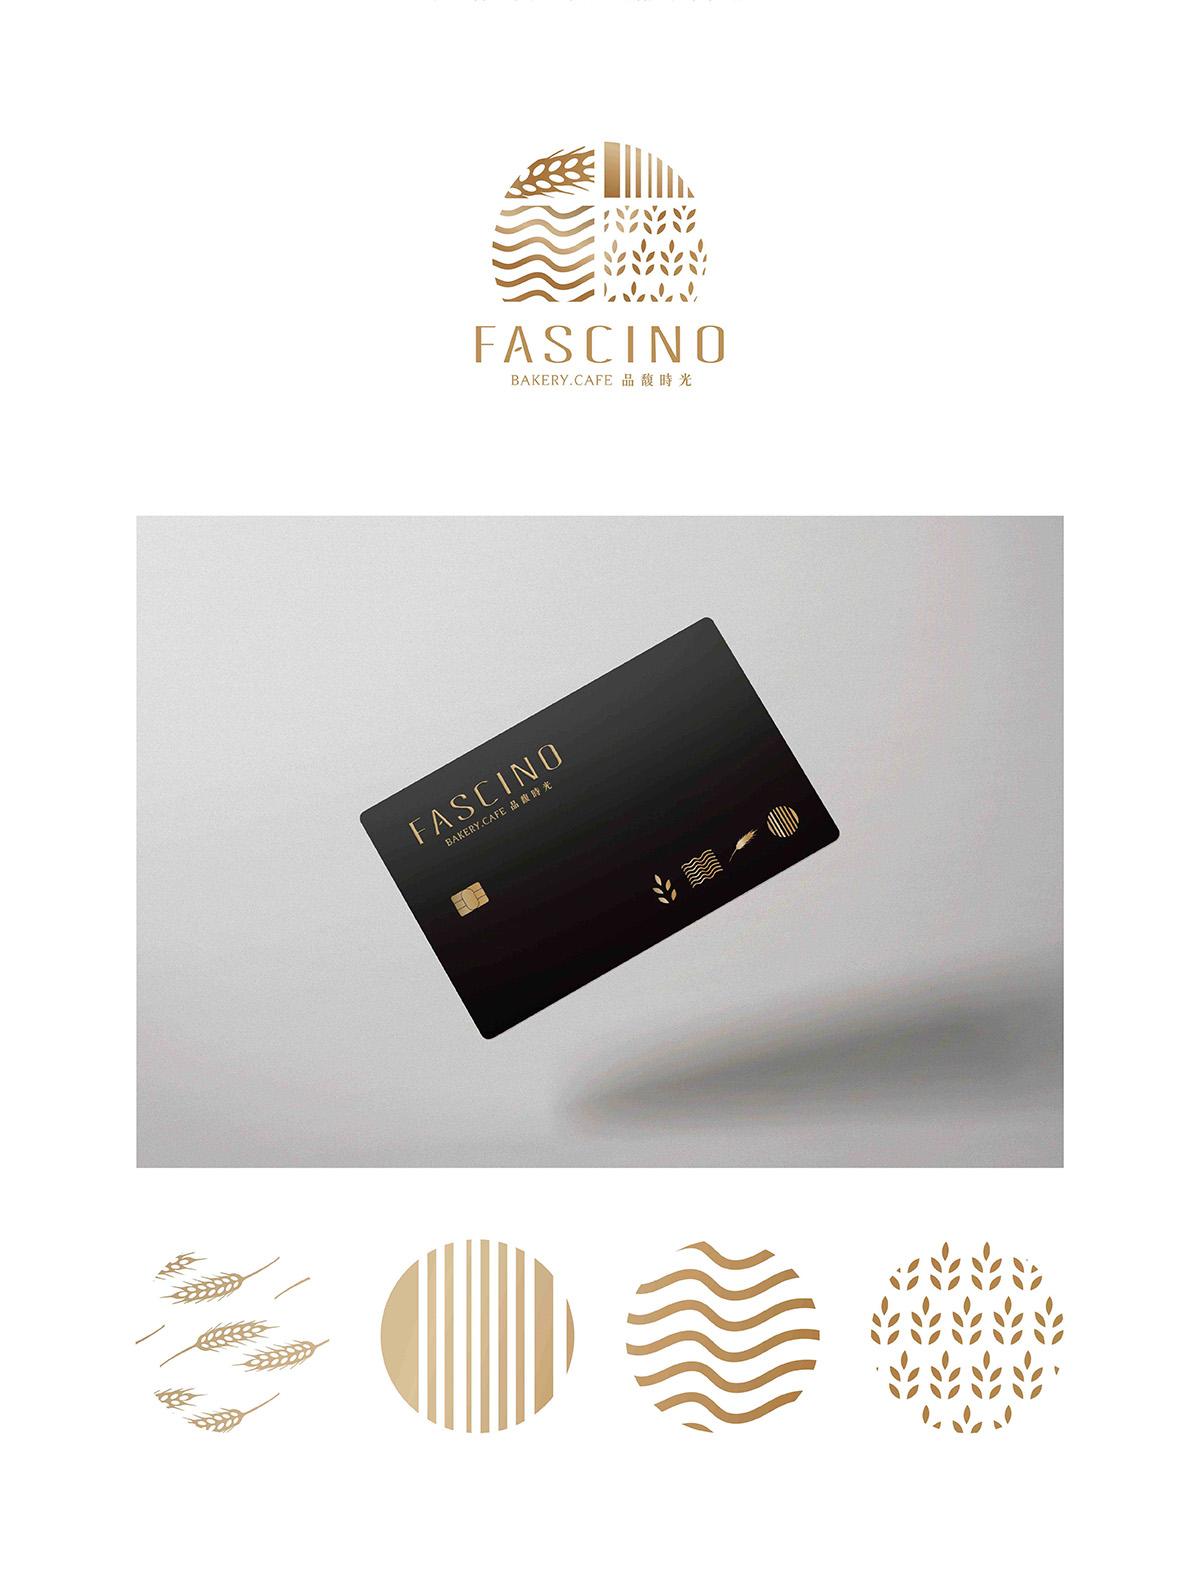 烘焙歐包連鎖 形象設計 品牌策略 名象作品